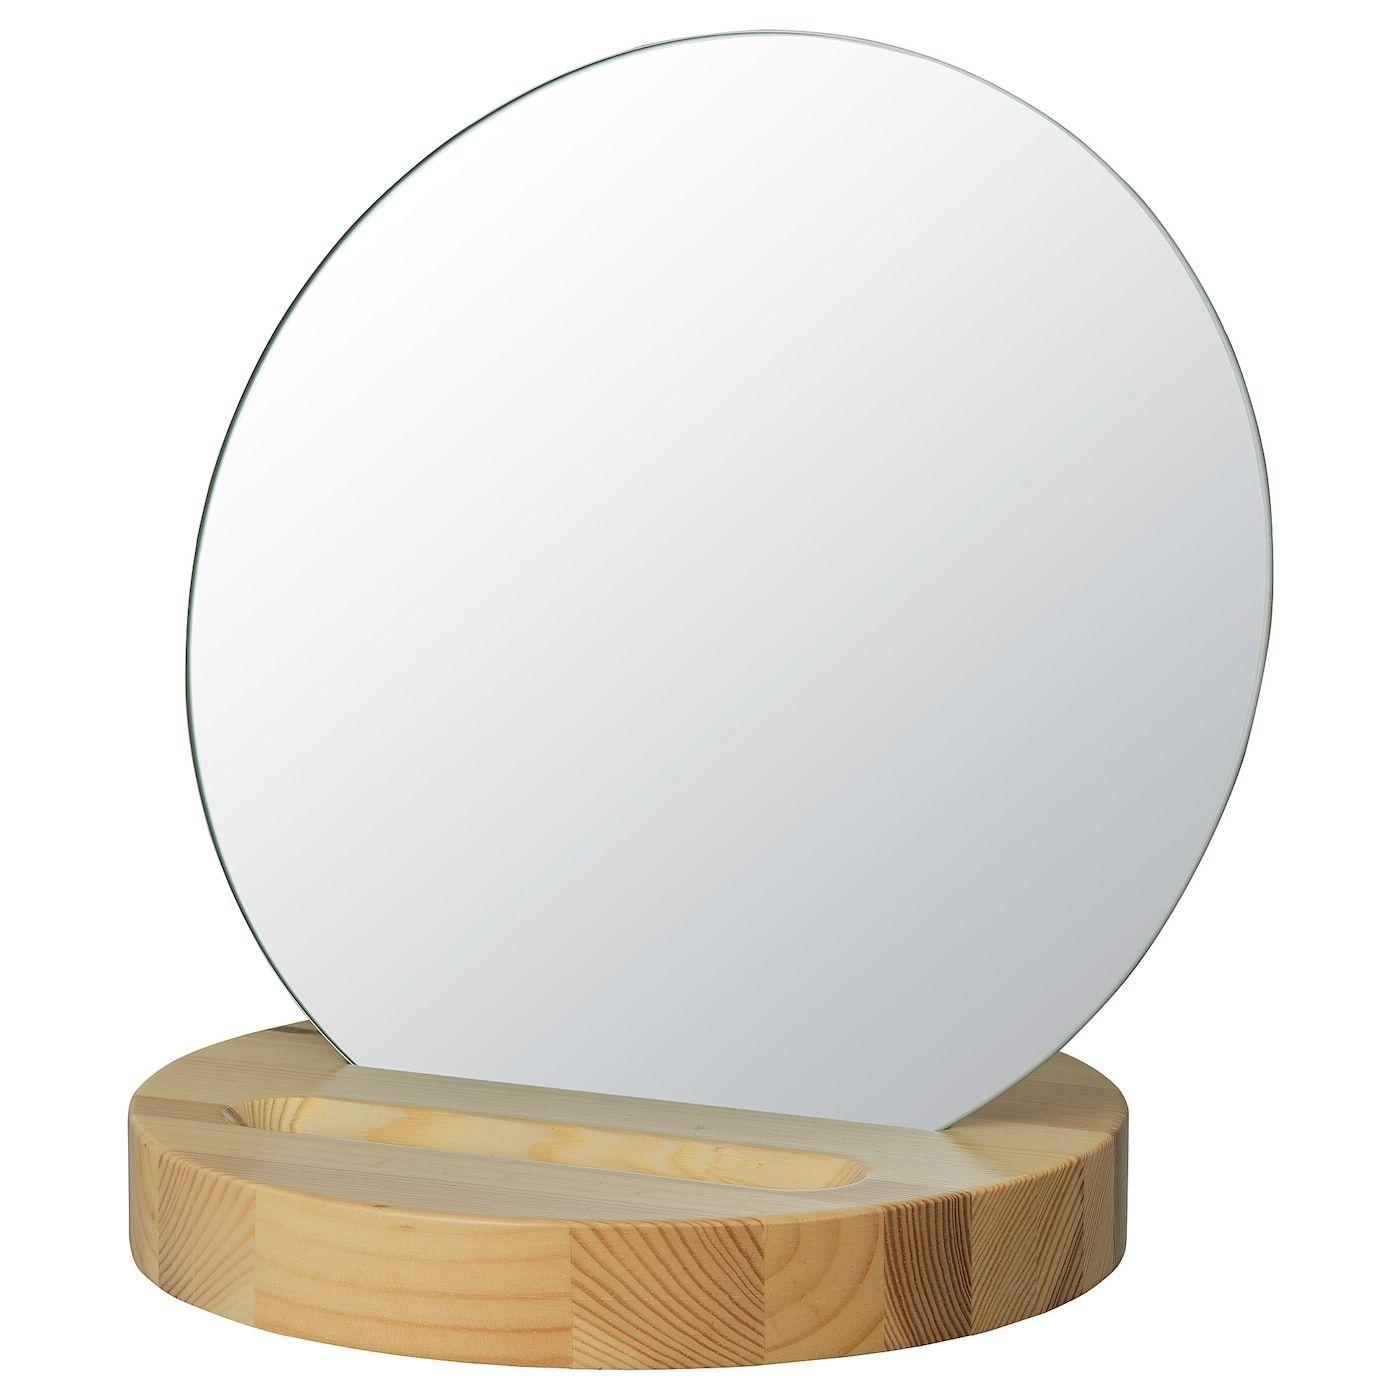 Tavolino Che Diventa Tavolo Ikea roverud specchio da tavolo 24 cm nel 2020 | specchio da